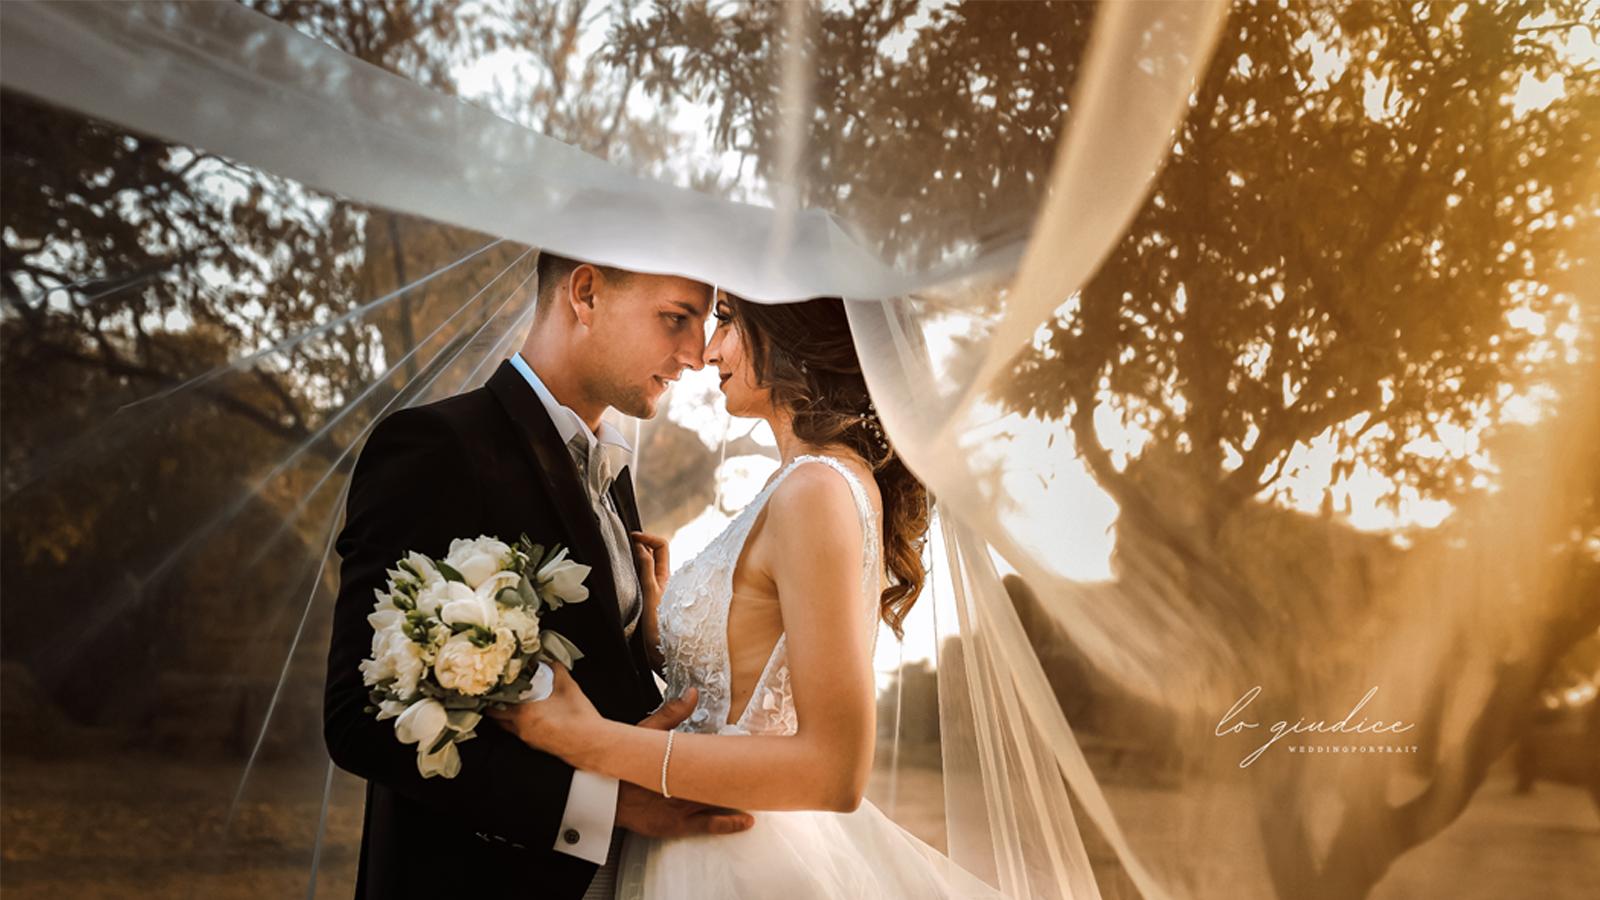 foto sposi che si guardano